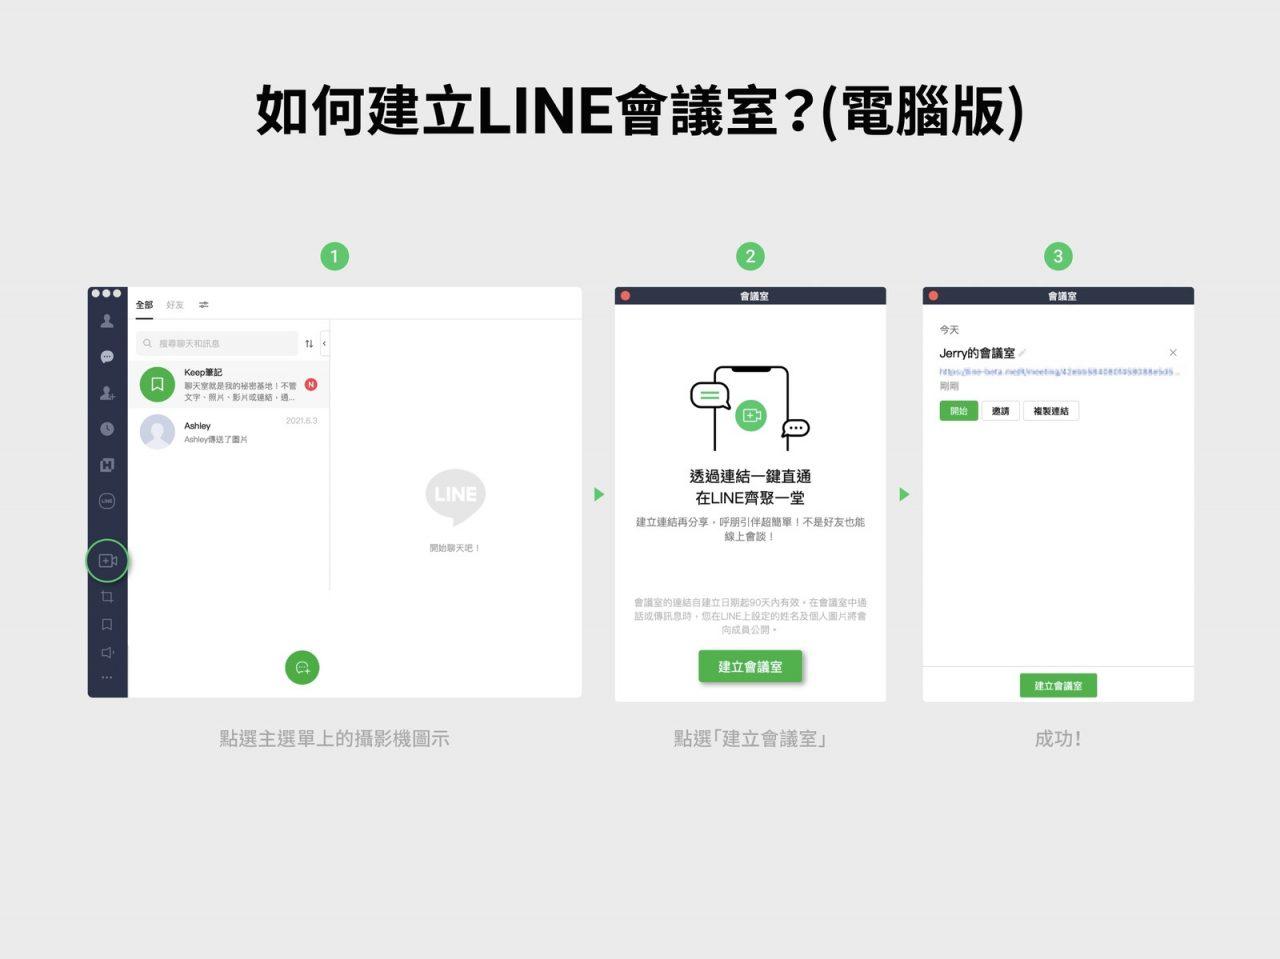 【全新LINE會議室功能教學介紹】透過連結就可加入會議喔!